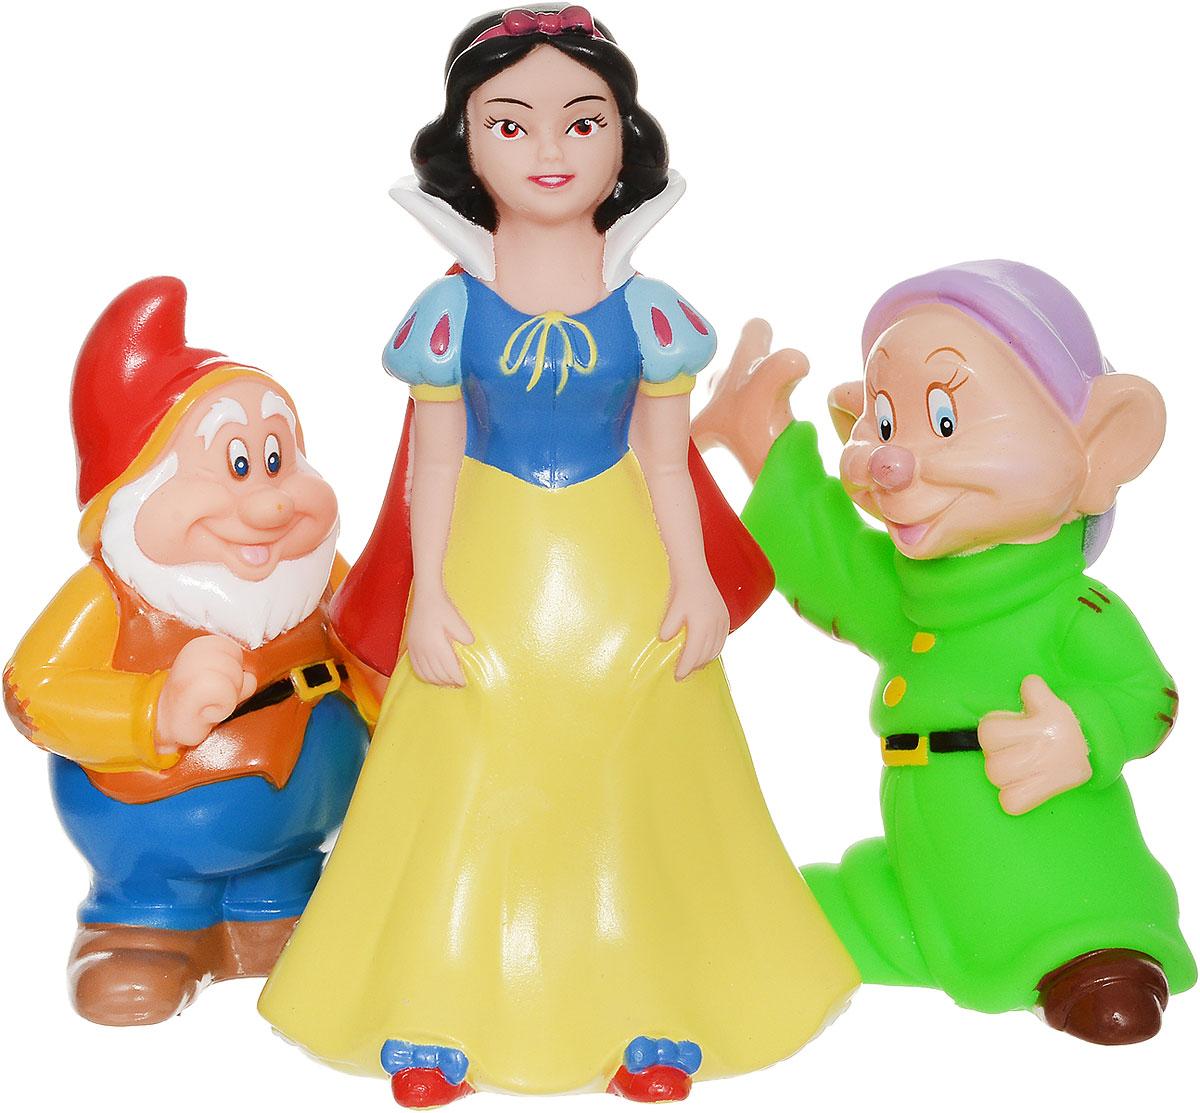 Играем вместе Набор игрушек для ванной Белоснежка и гномы 3 шт играем вместе набор игрушек для ванной корабль и самолет